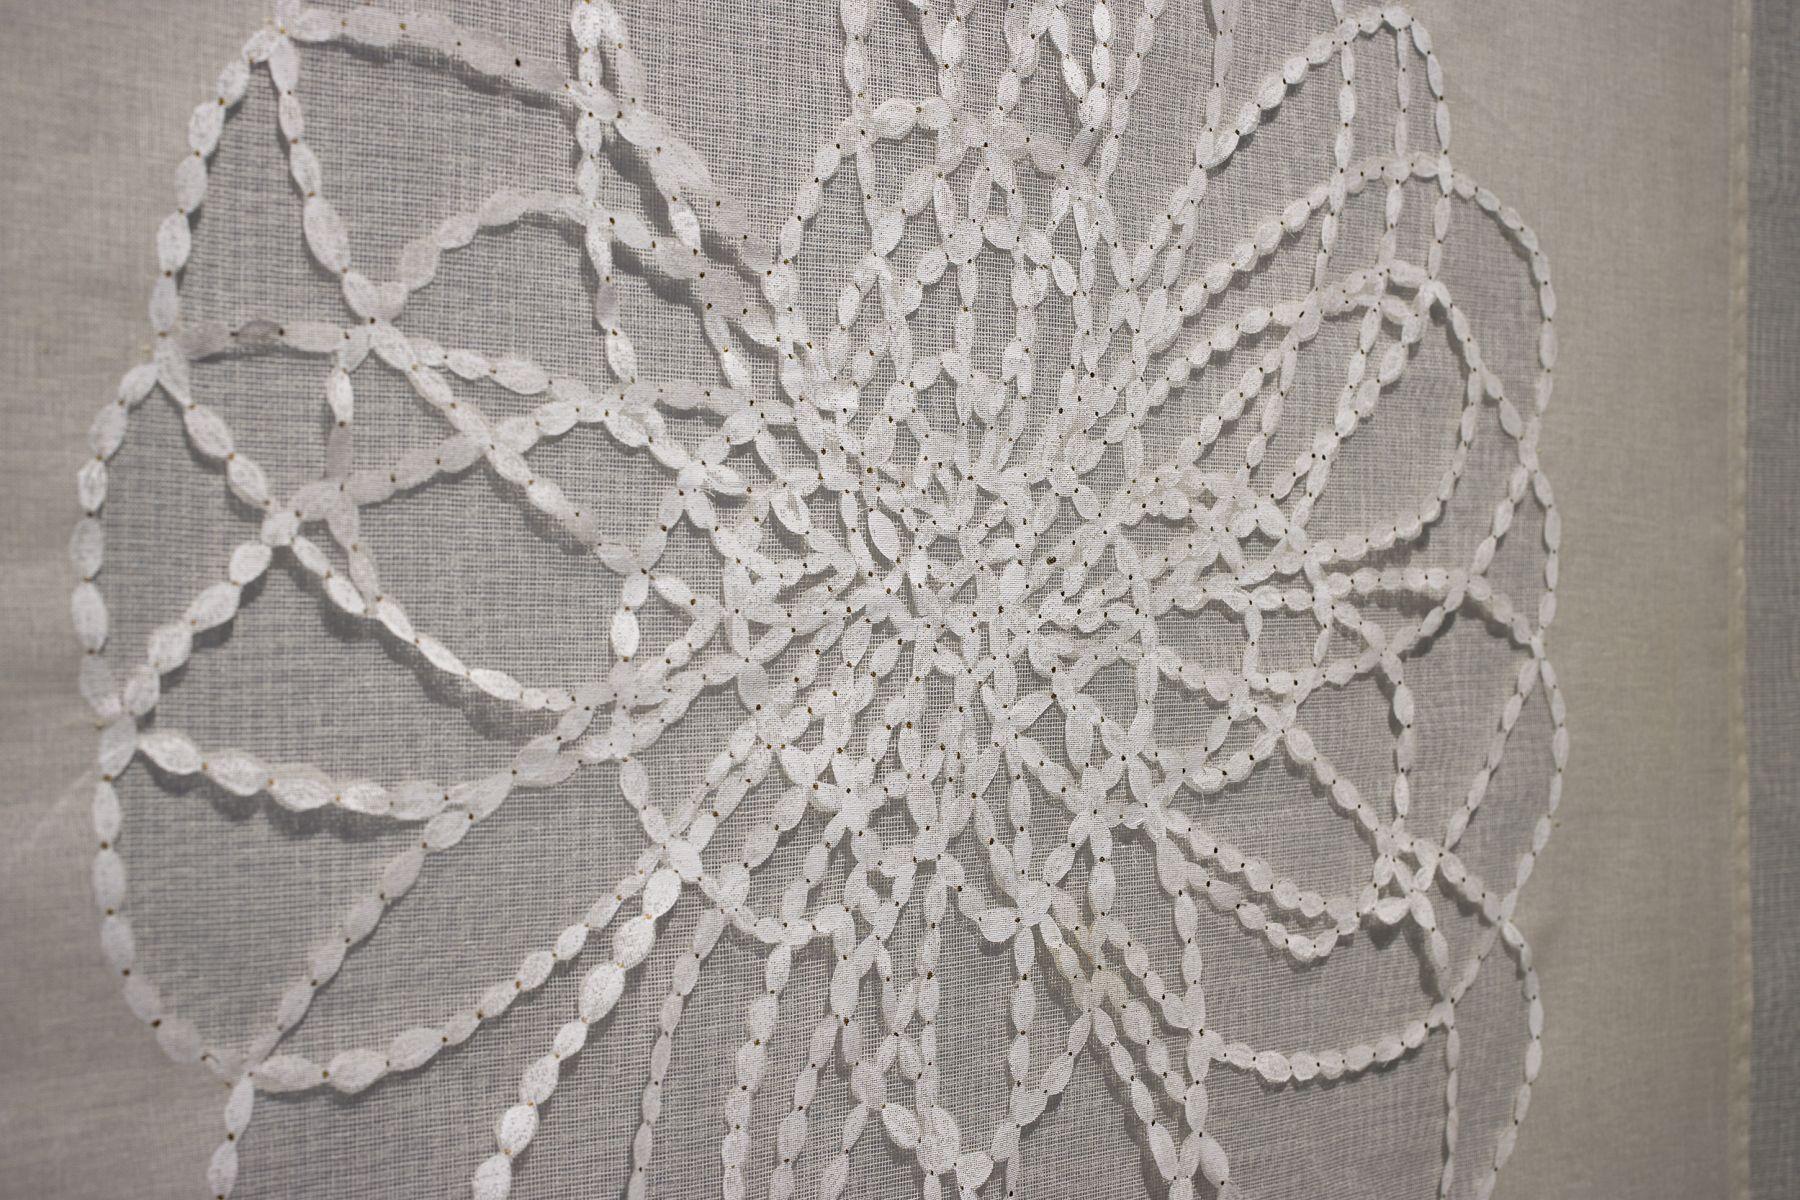 Dana Lynn Louis - Web detail